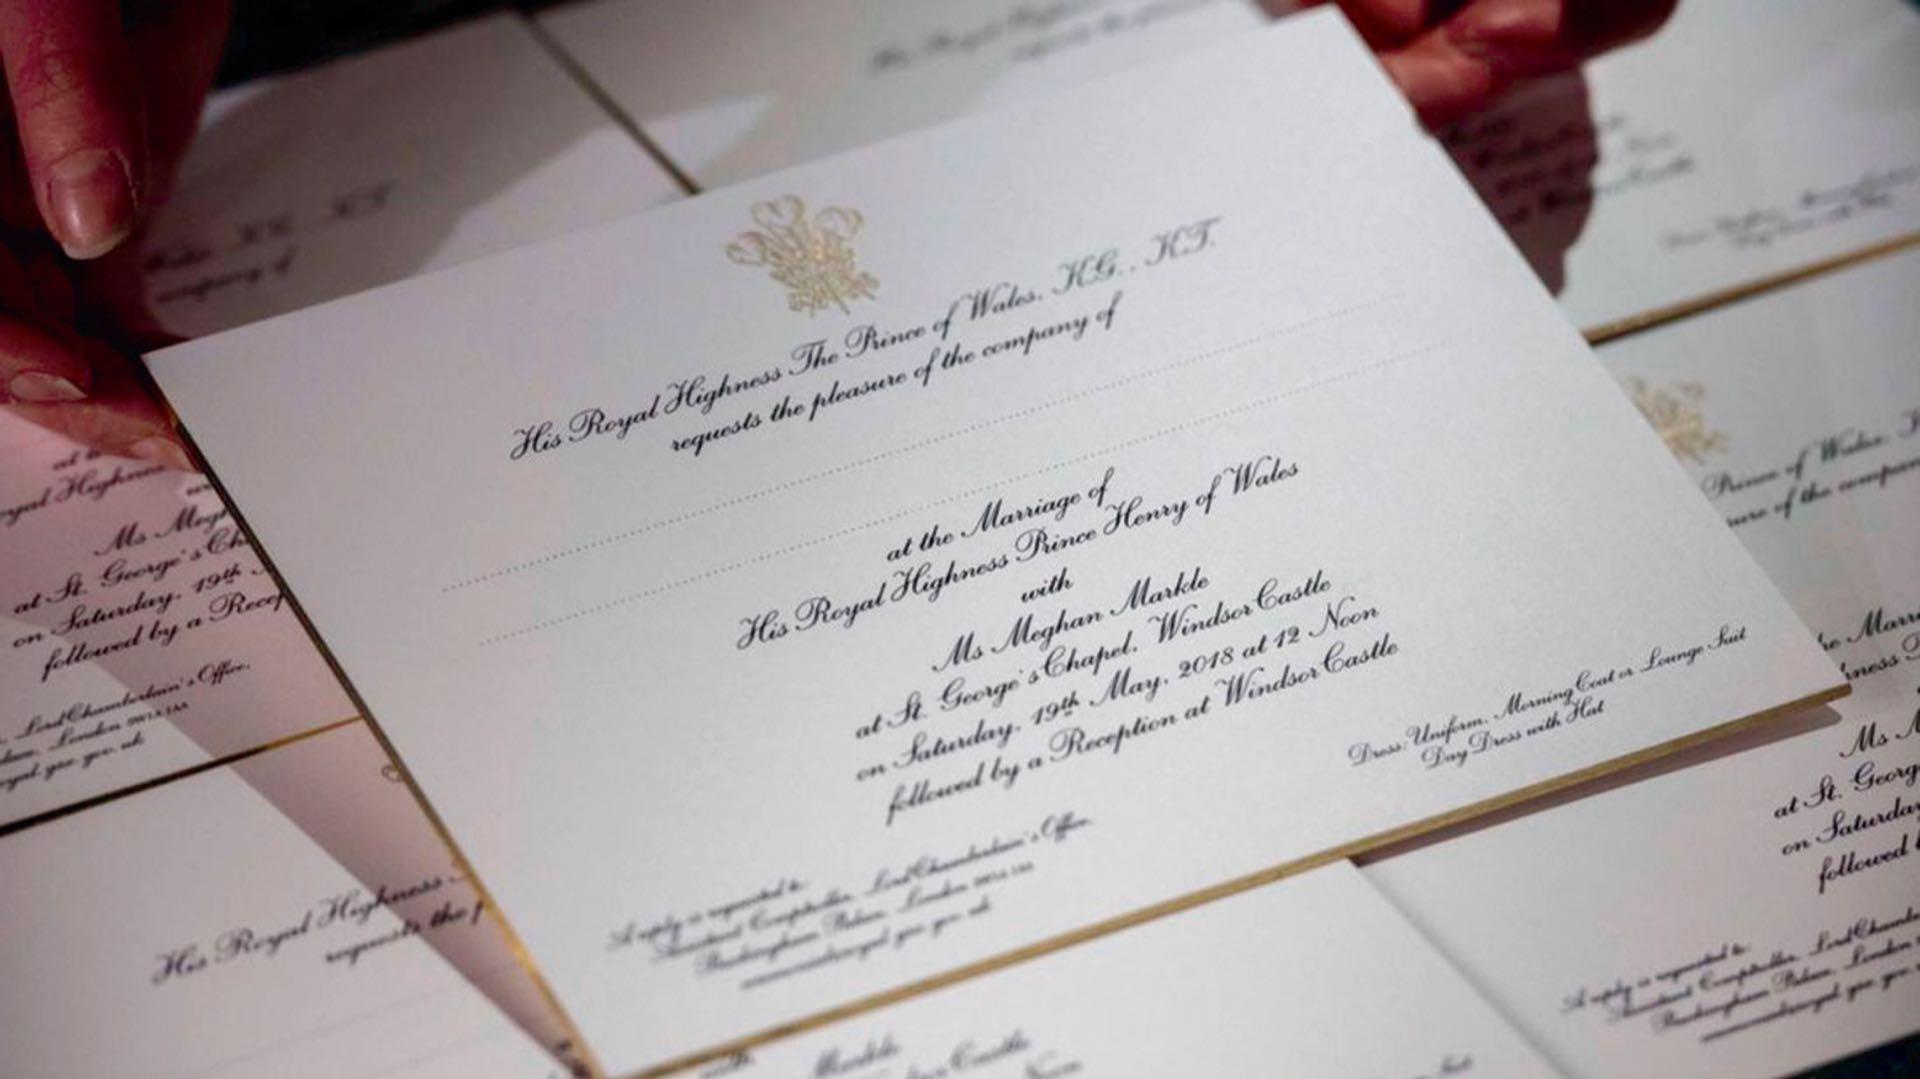 Las invitaciones para la boda de Meghan Markle y el príncipe Harry